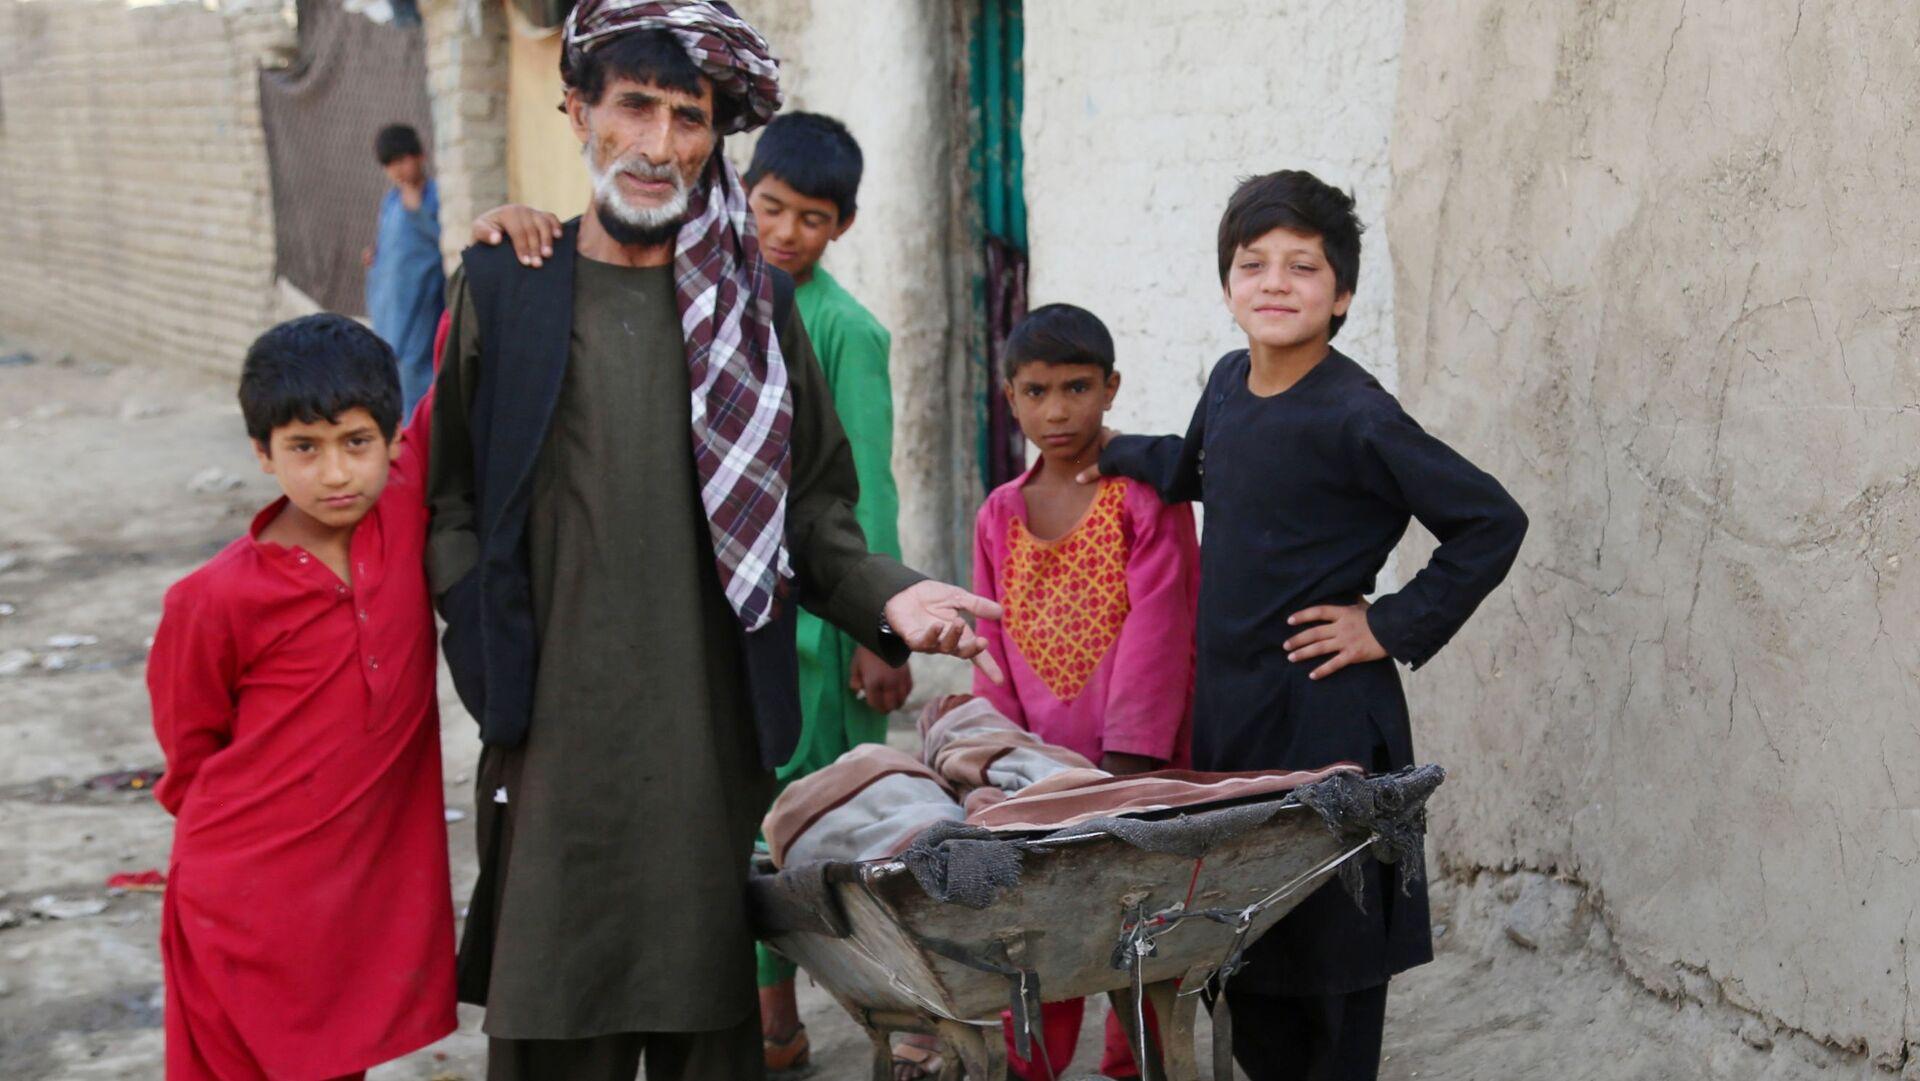 Afghánští vnitřně přesídlení osoby v Kábulu - Sputnik Česká republika, 1920, 10.08.2021